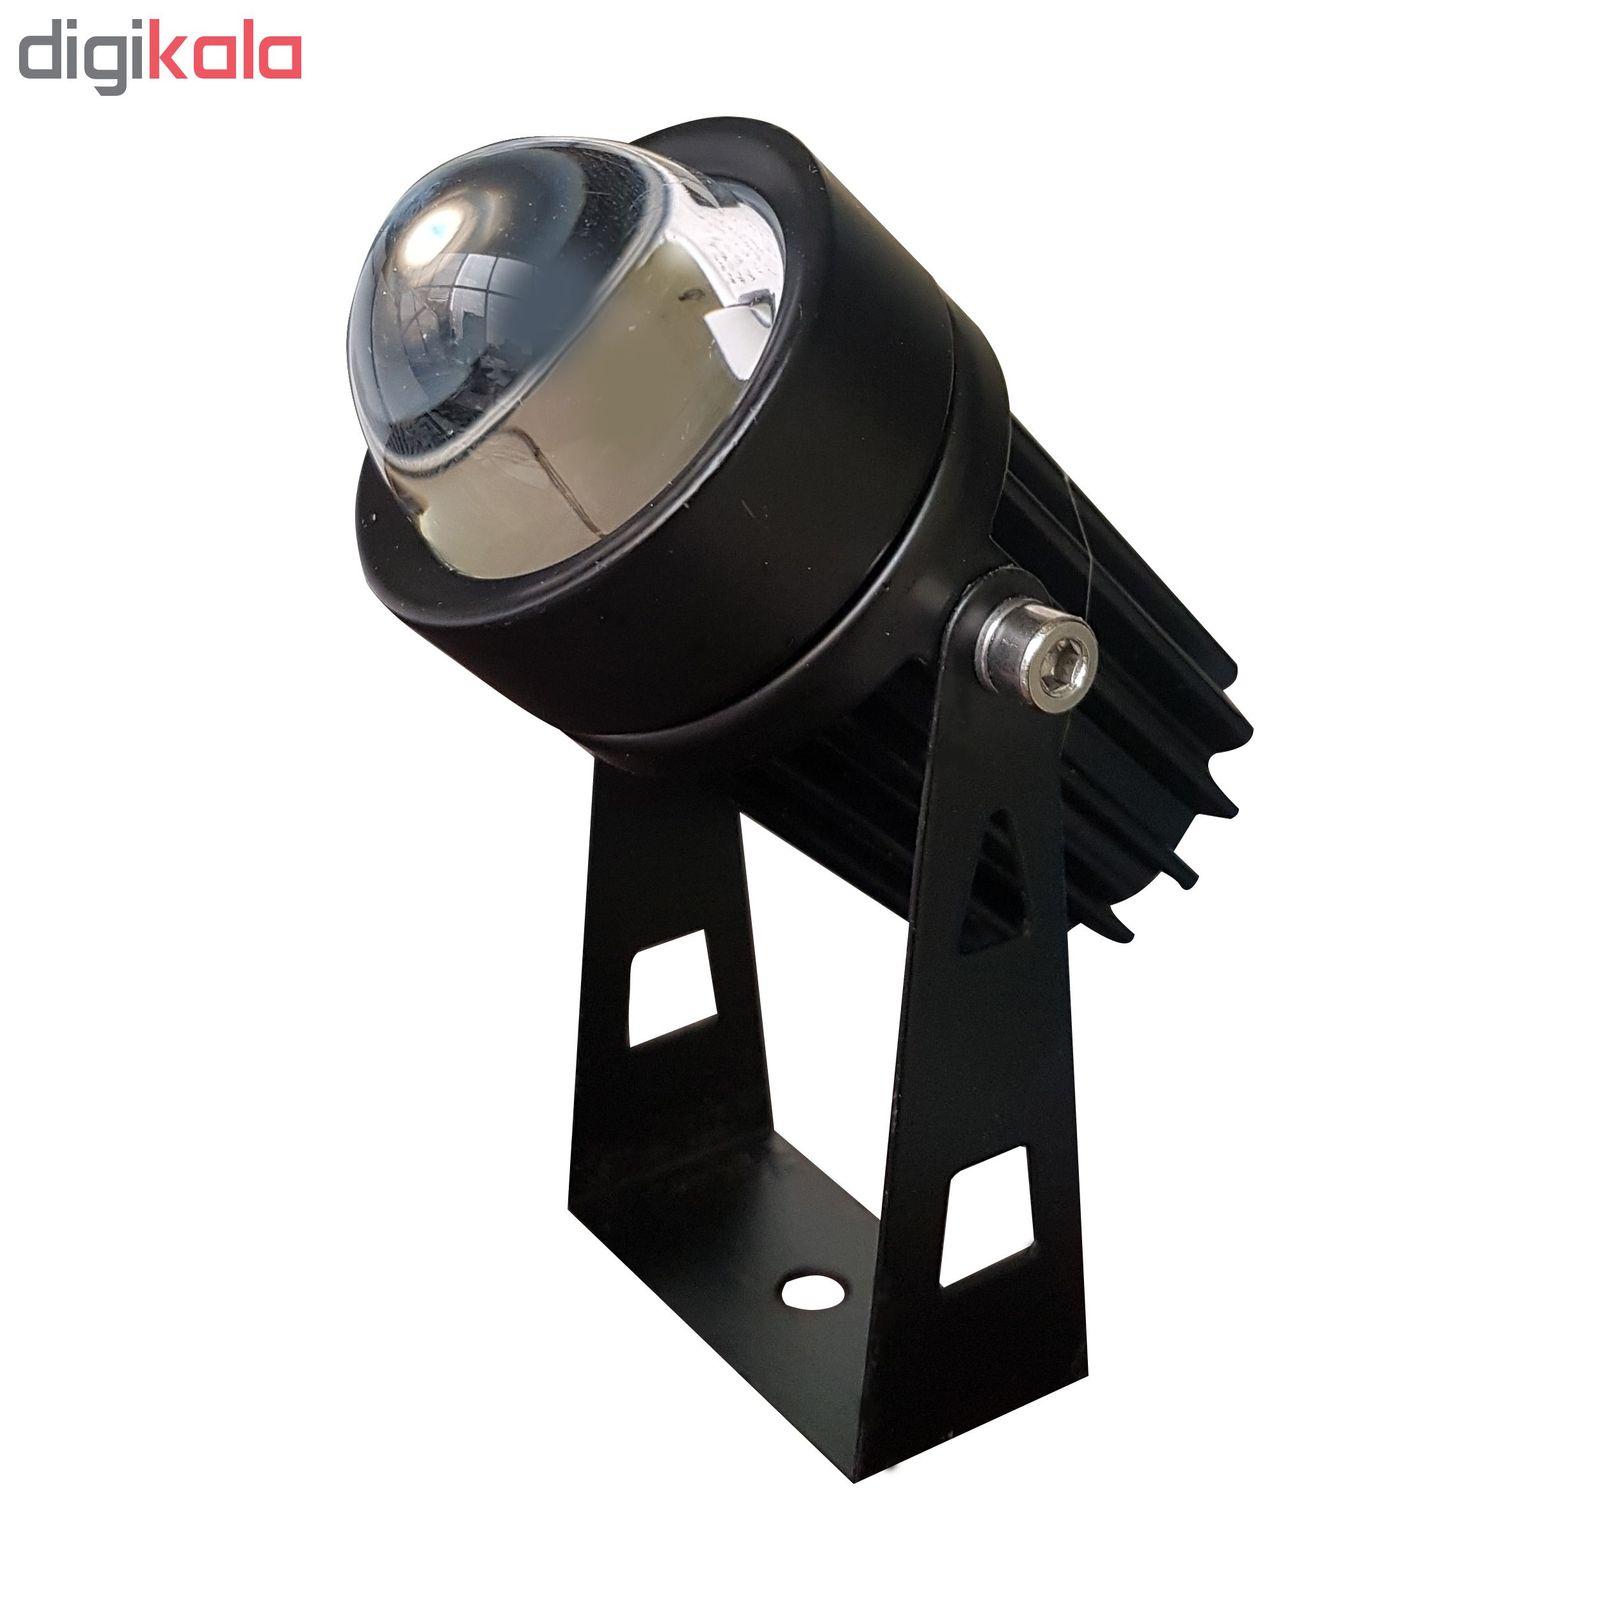 چراغ جت لایت 5  وات مدل i05j main 1 1